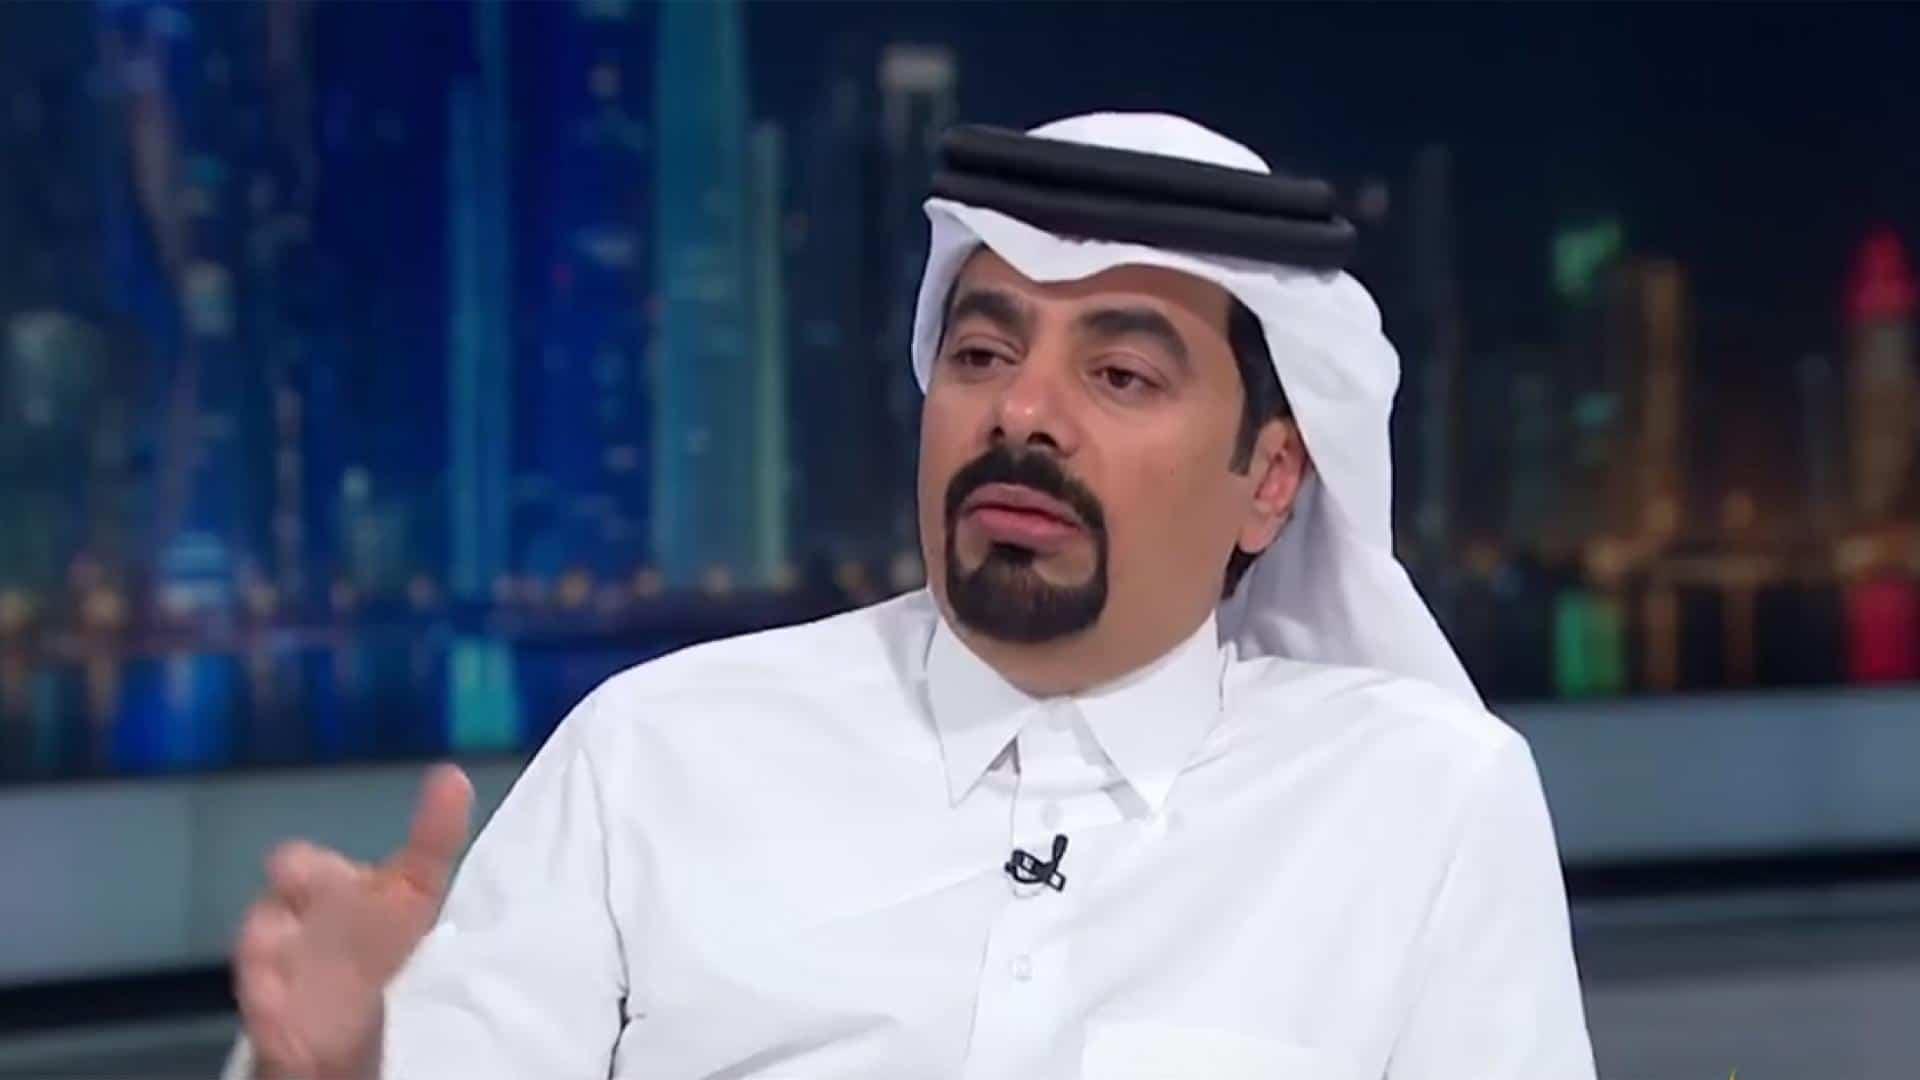 """""""نعرف كل صغيرة وكبيرة"""".. عبدالله العذبة يكشف متى بدأ التآمر للانقلاب على ملك الأردن"""